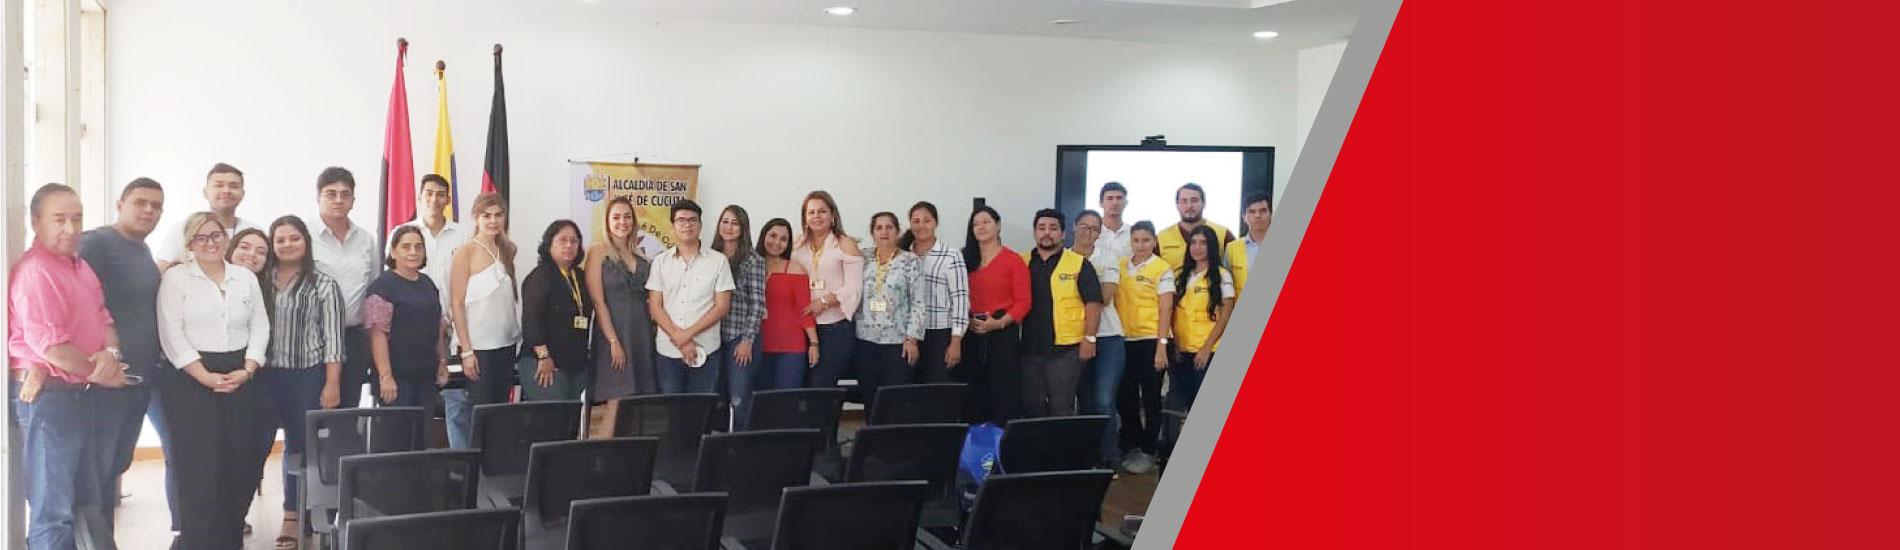 Docente y estudiantes UFPS participaron de proyecto de ordenamiento territorial liderado por la alcaldía de Cúcuta